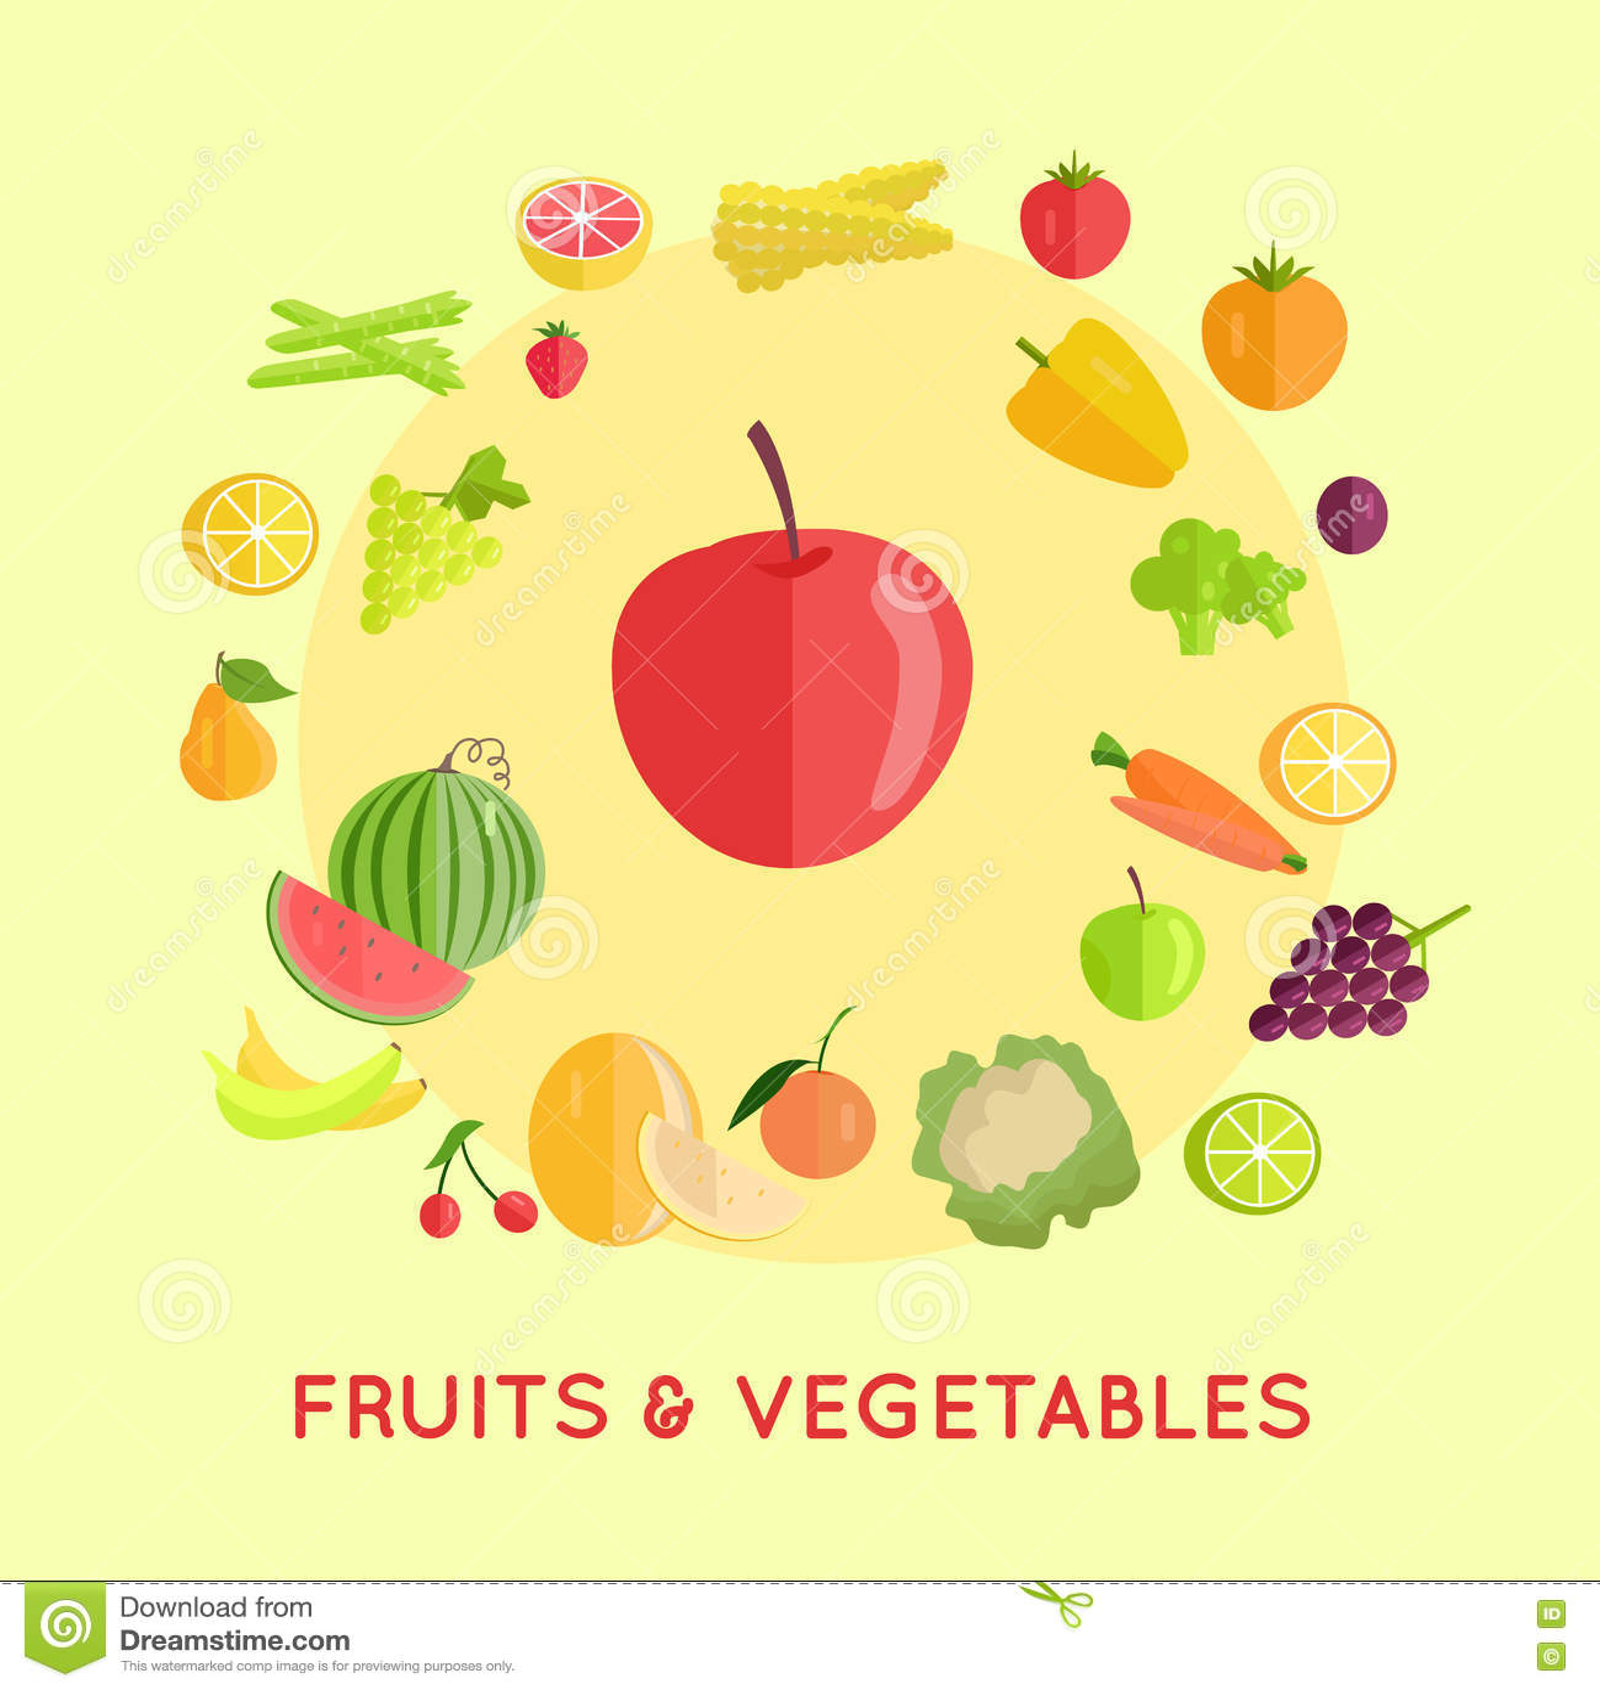 Set of Fruits Vegetables Vector Illustrations.